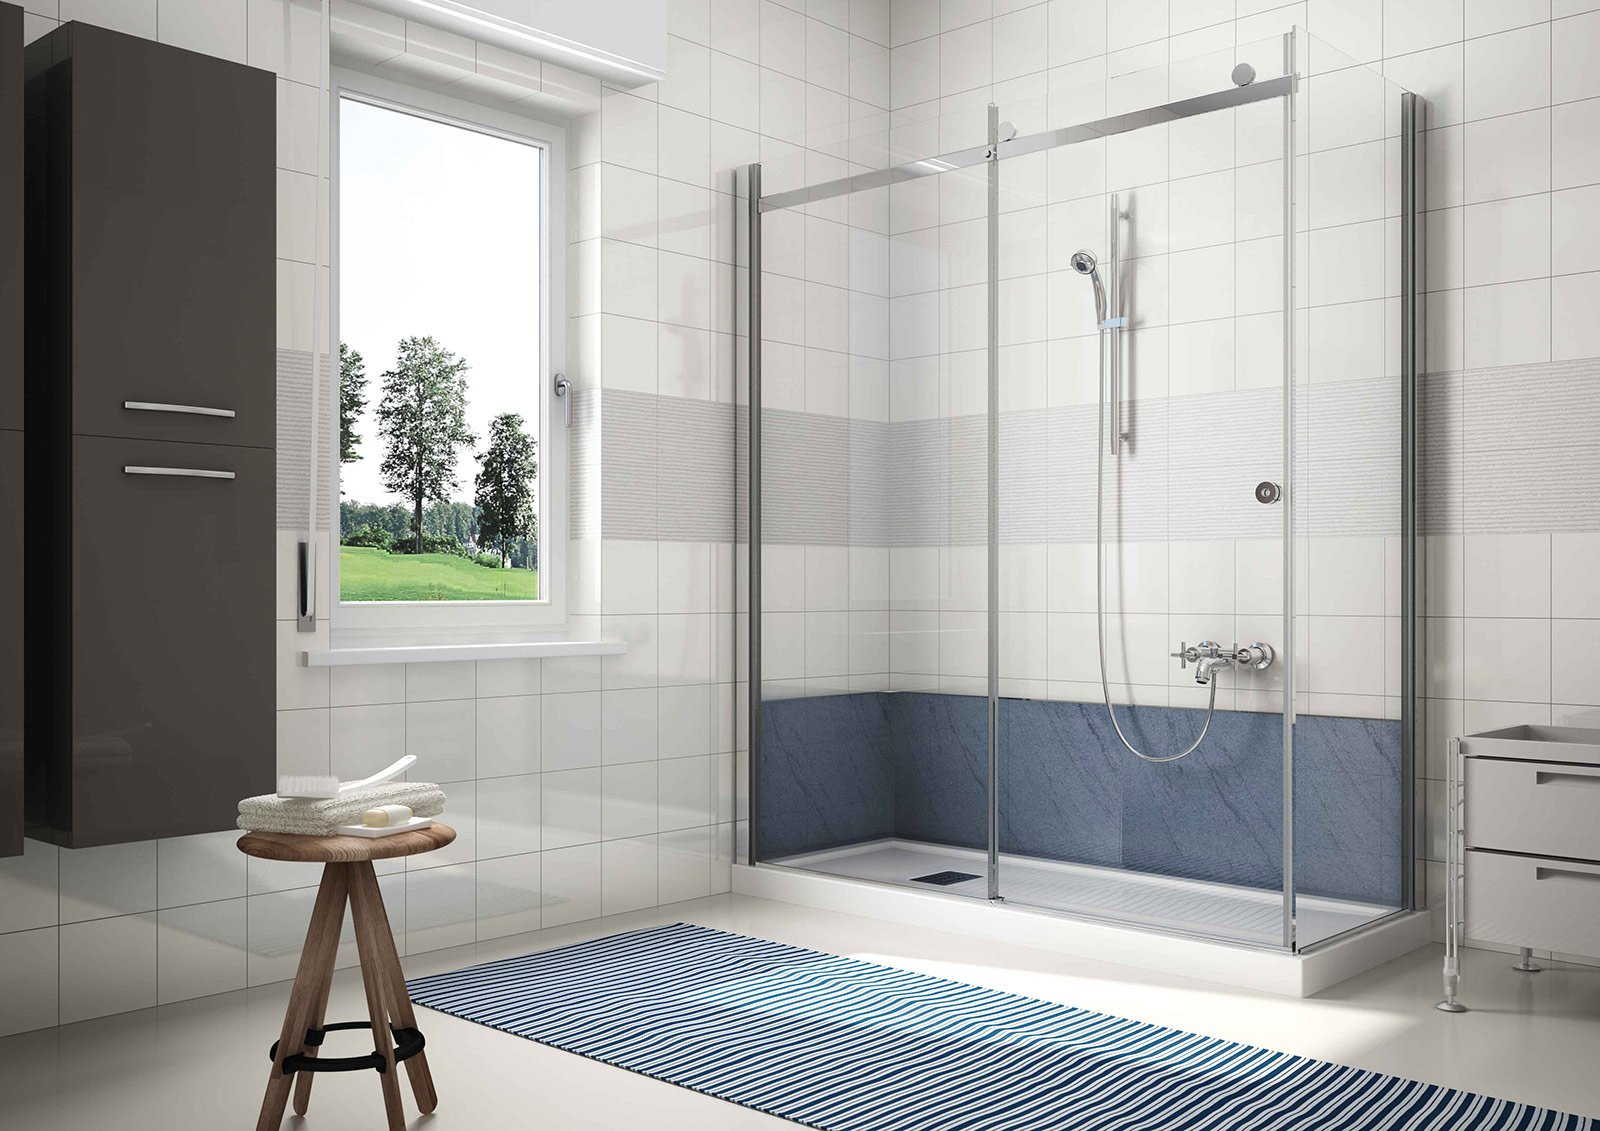 La vasca diventa doccia in poco tempo e senza troppi lavori - Cose di Casa